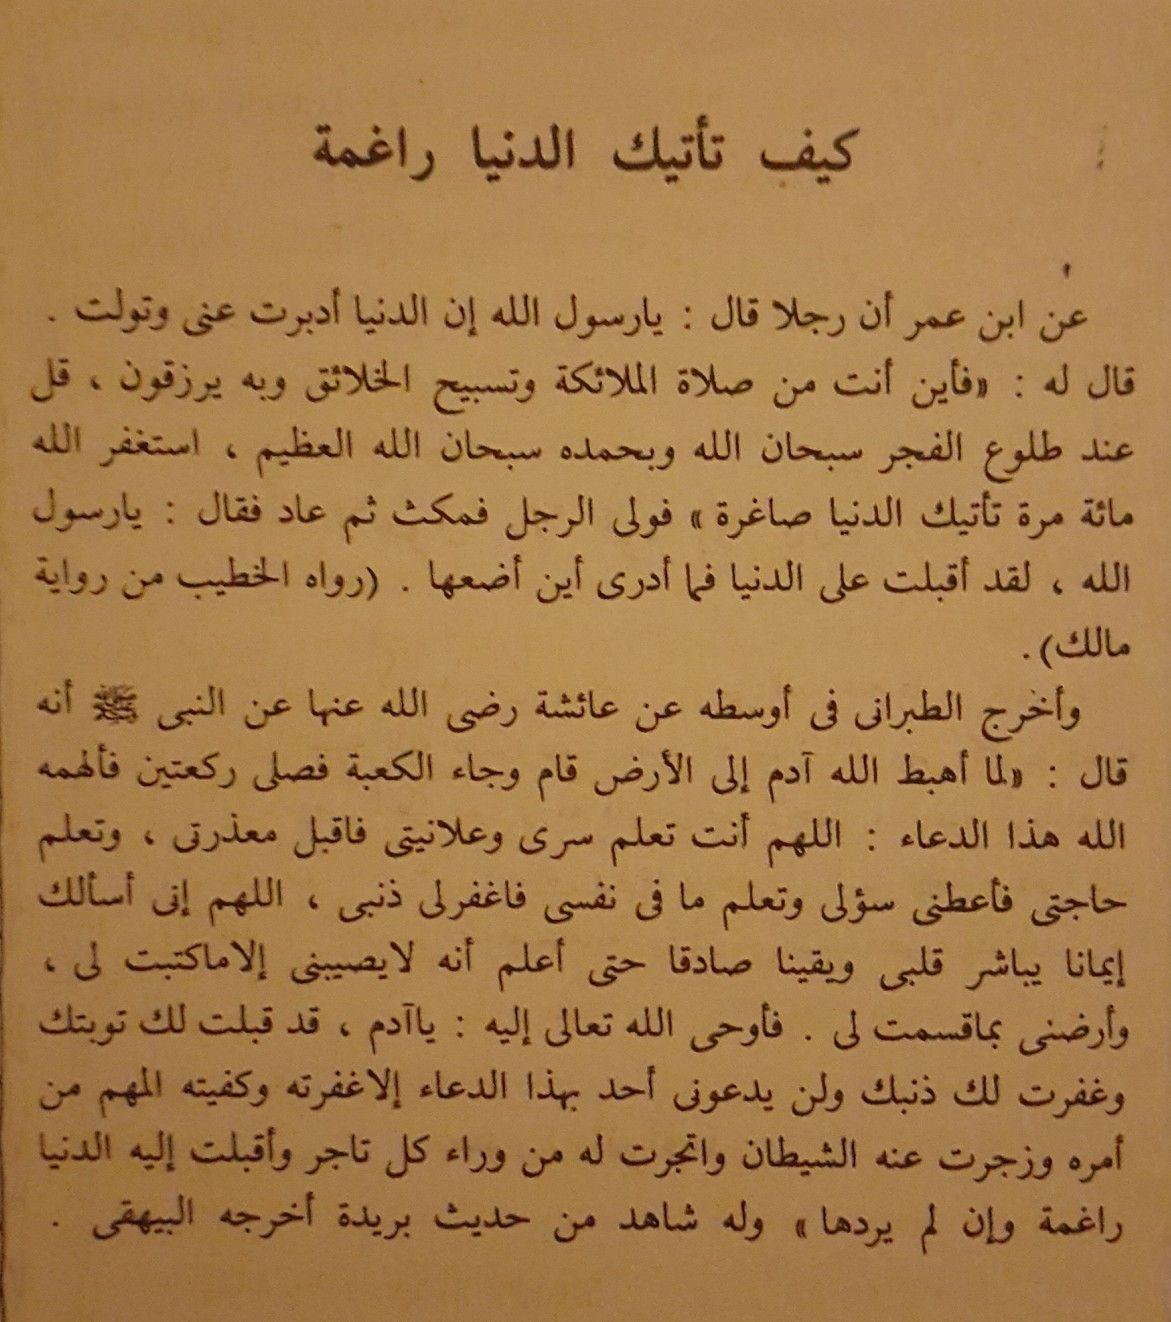 كيف تأتيك الدنيا راغمه ابواب الفرج الدكتور محمد علوي المالكي الحسني Books Free Download Pdf Books Pdf Download